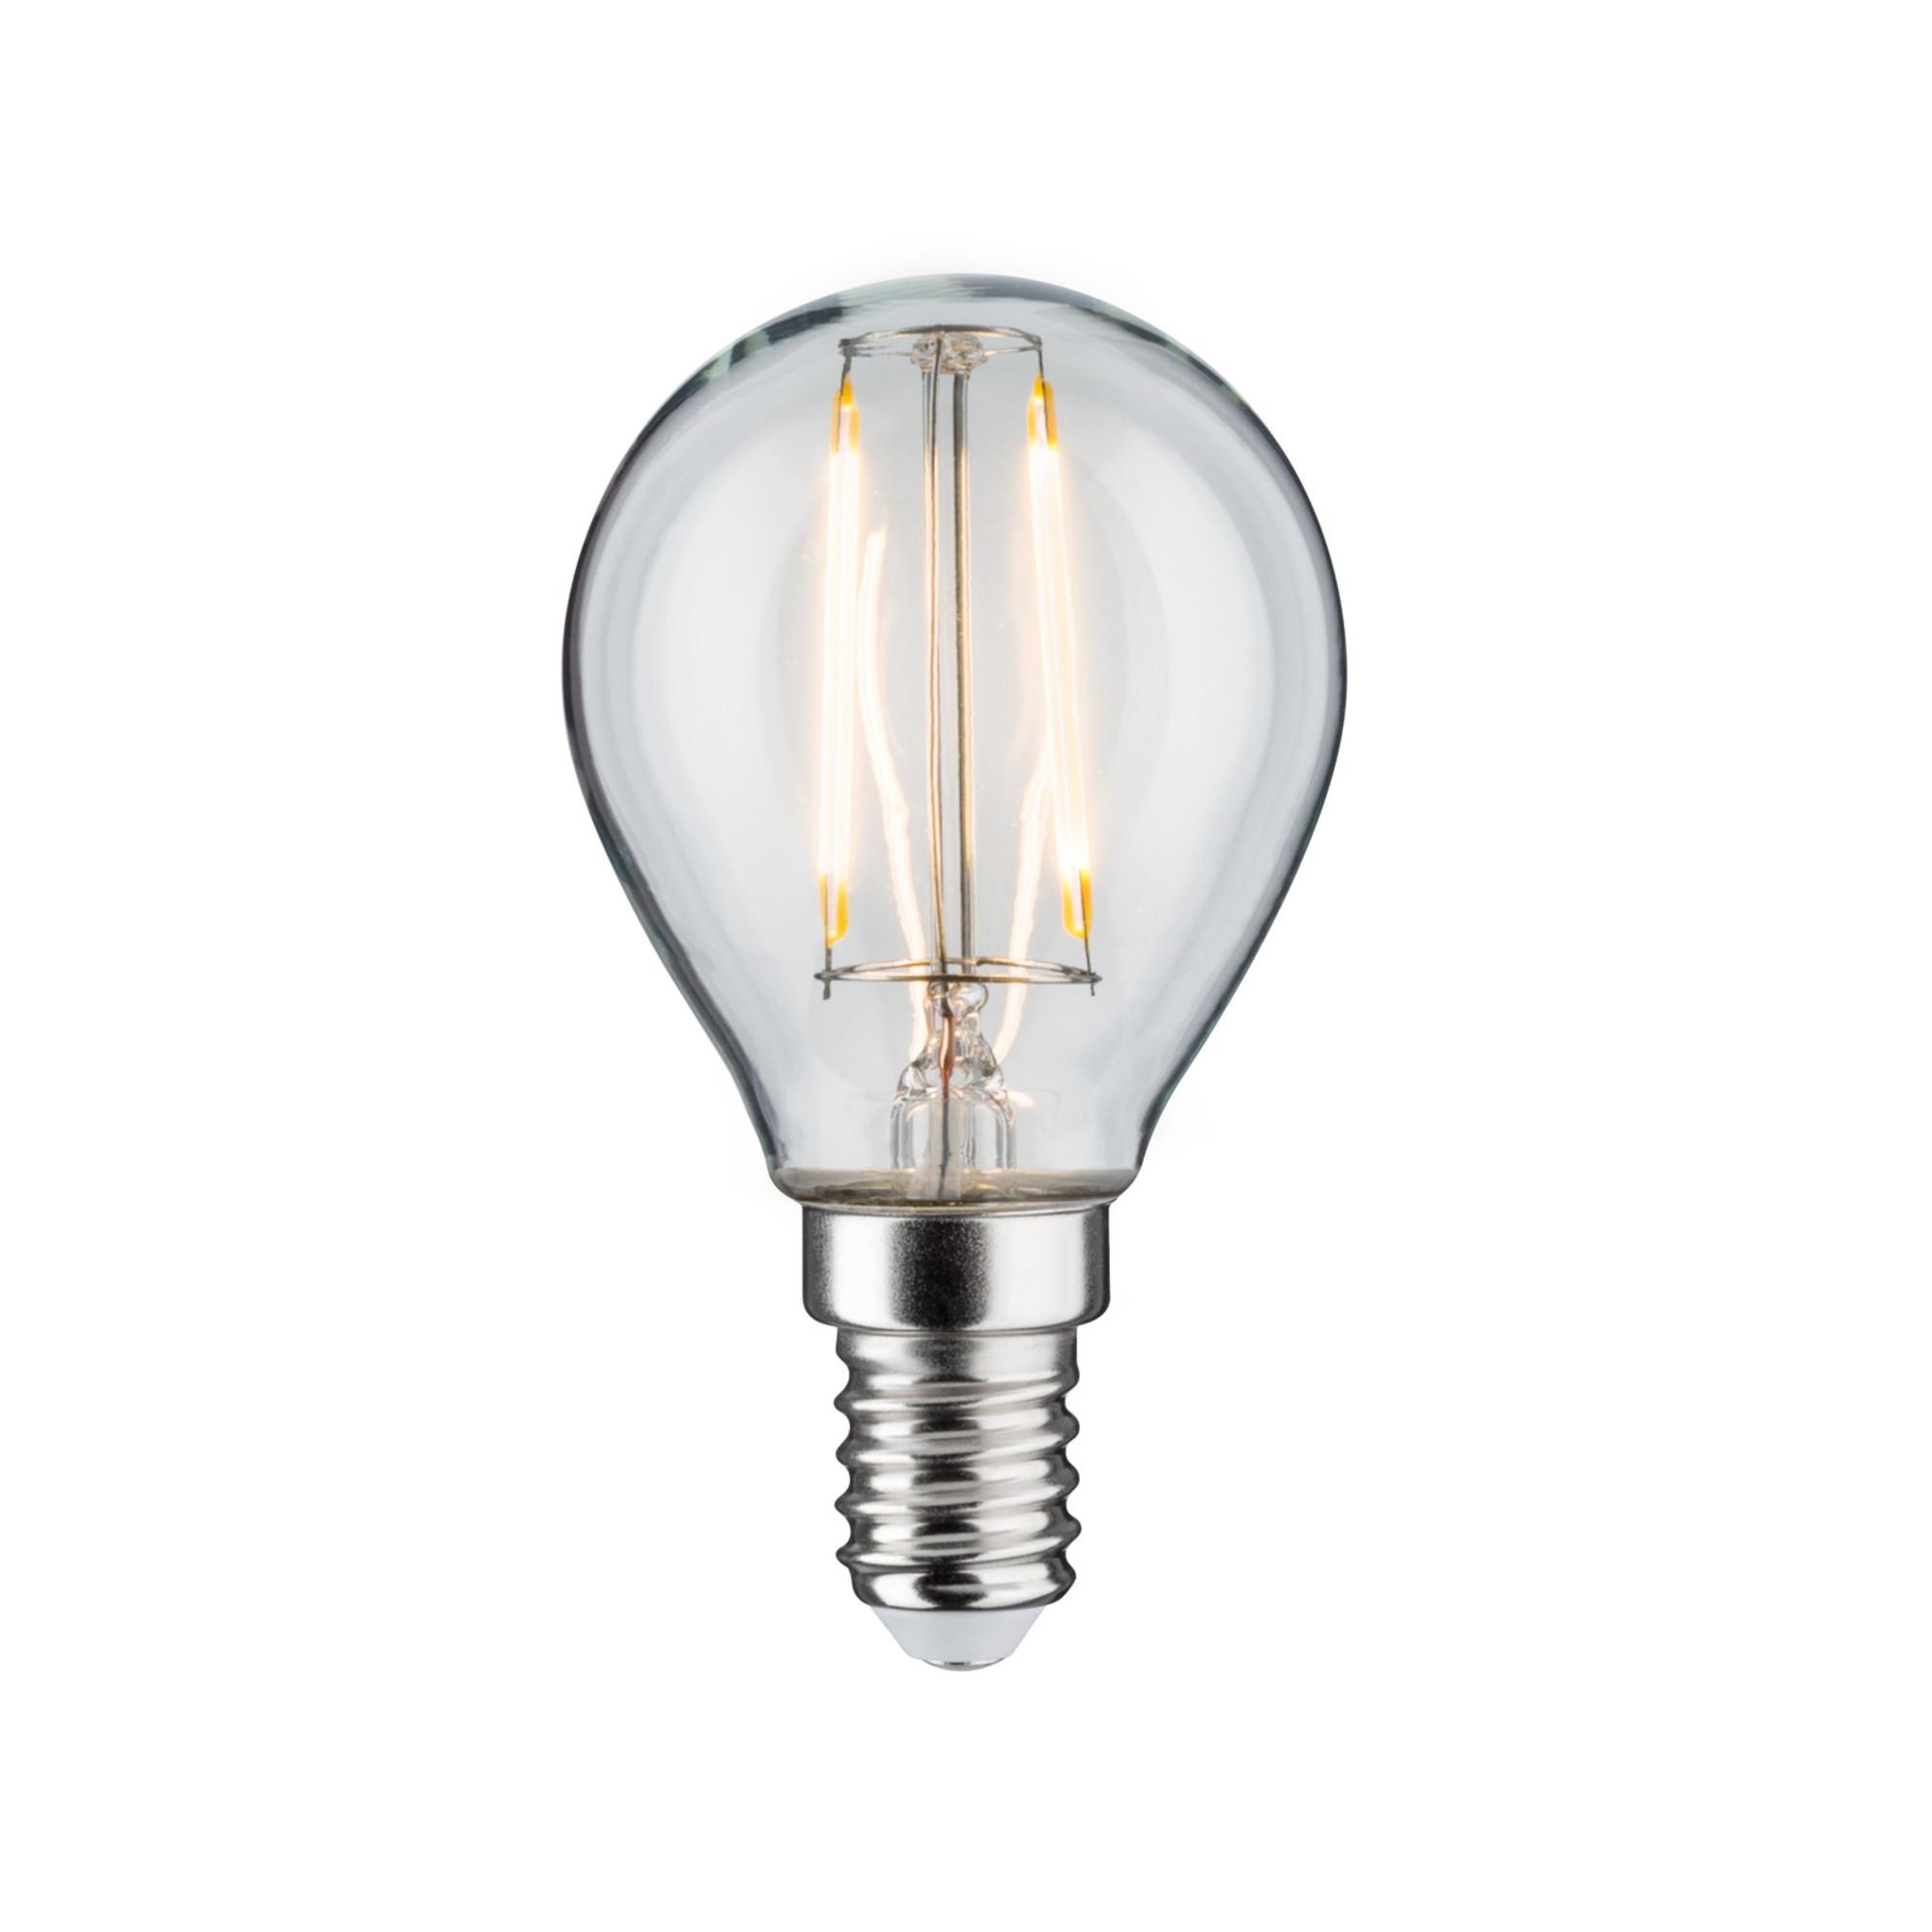 Лампа филаментная Paulmann Капля 2.5Вт 250лм 2700К E14 230В Прозрачный 28370.